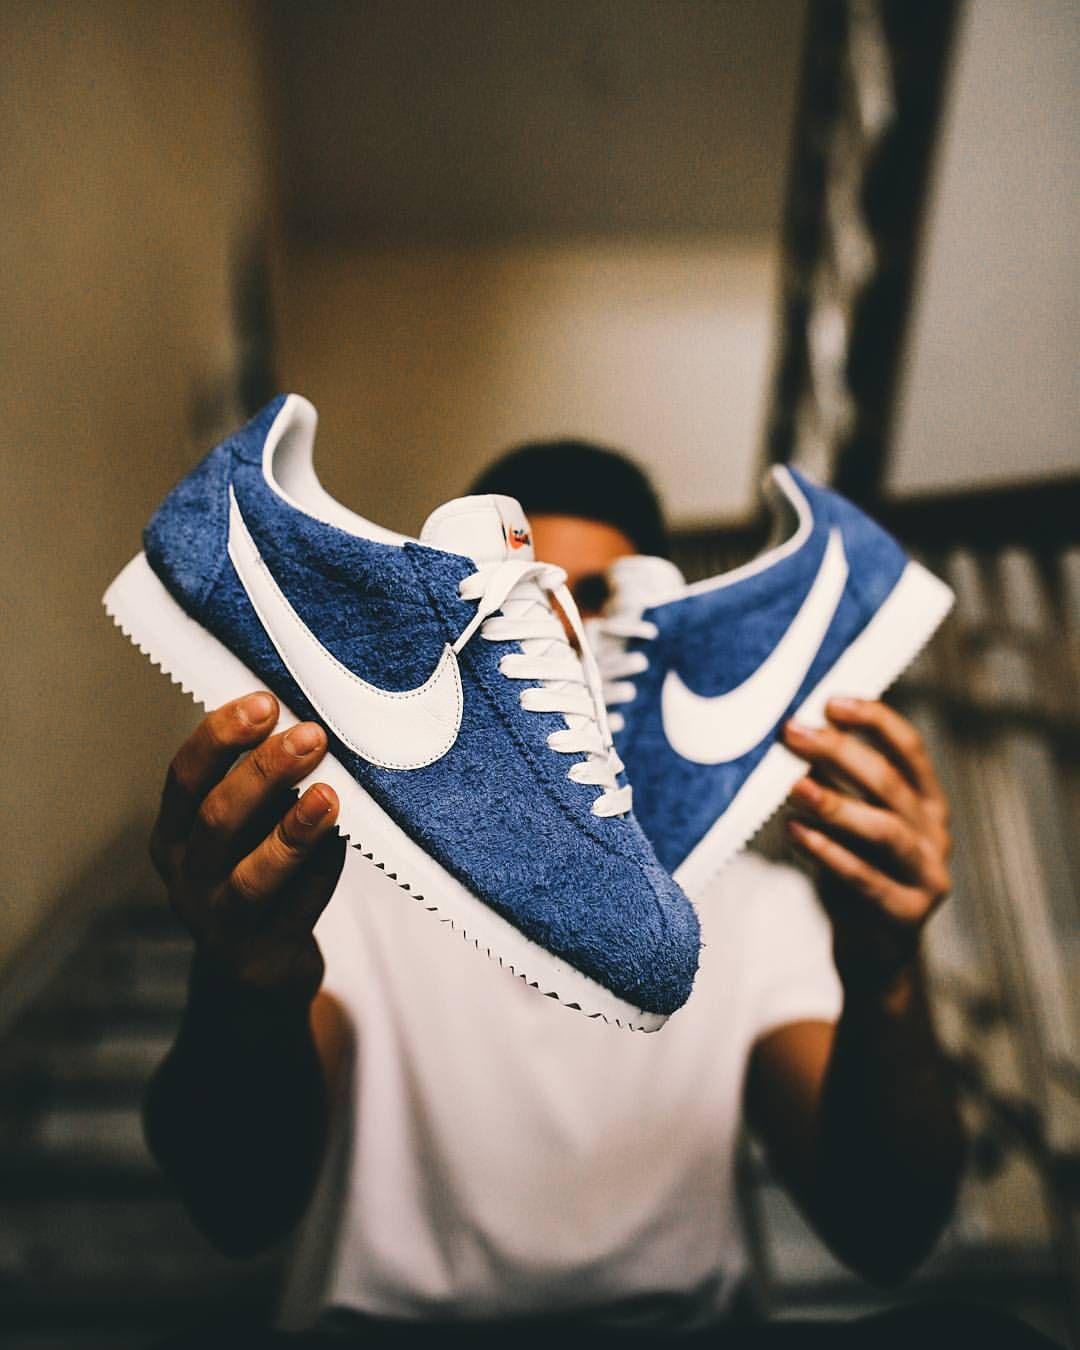 2 187 Otmetok Nravitsya 43 Kommentariev Philipp Ftp Eskalizer V Instagram Nike X Kenny Moore Snkrhds Sn Cortez Shoes Nike Cortez Shoes Nike Cortez